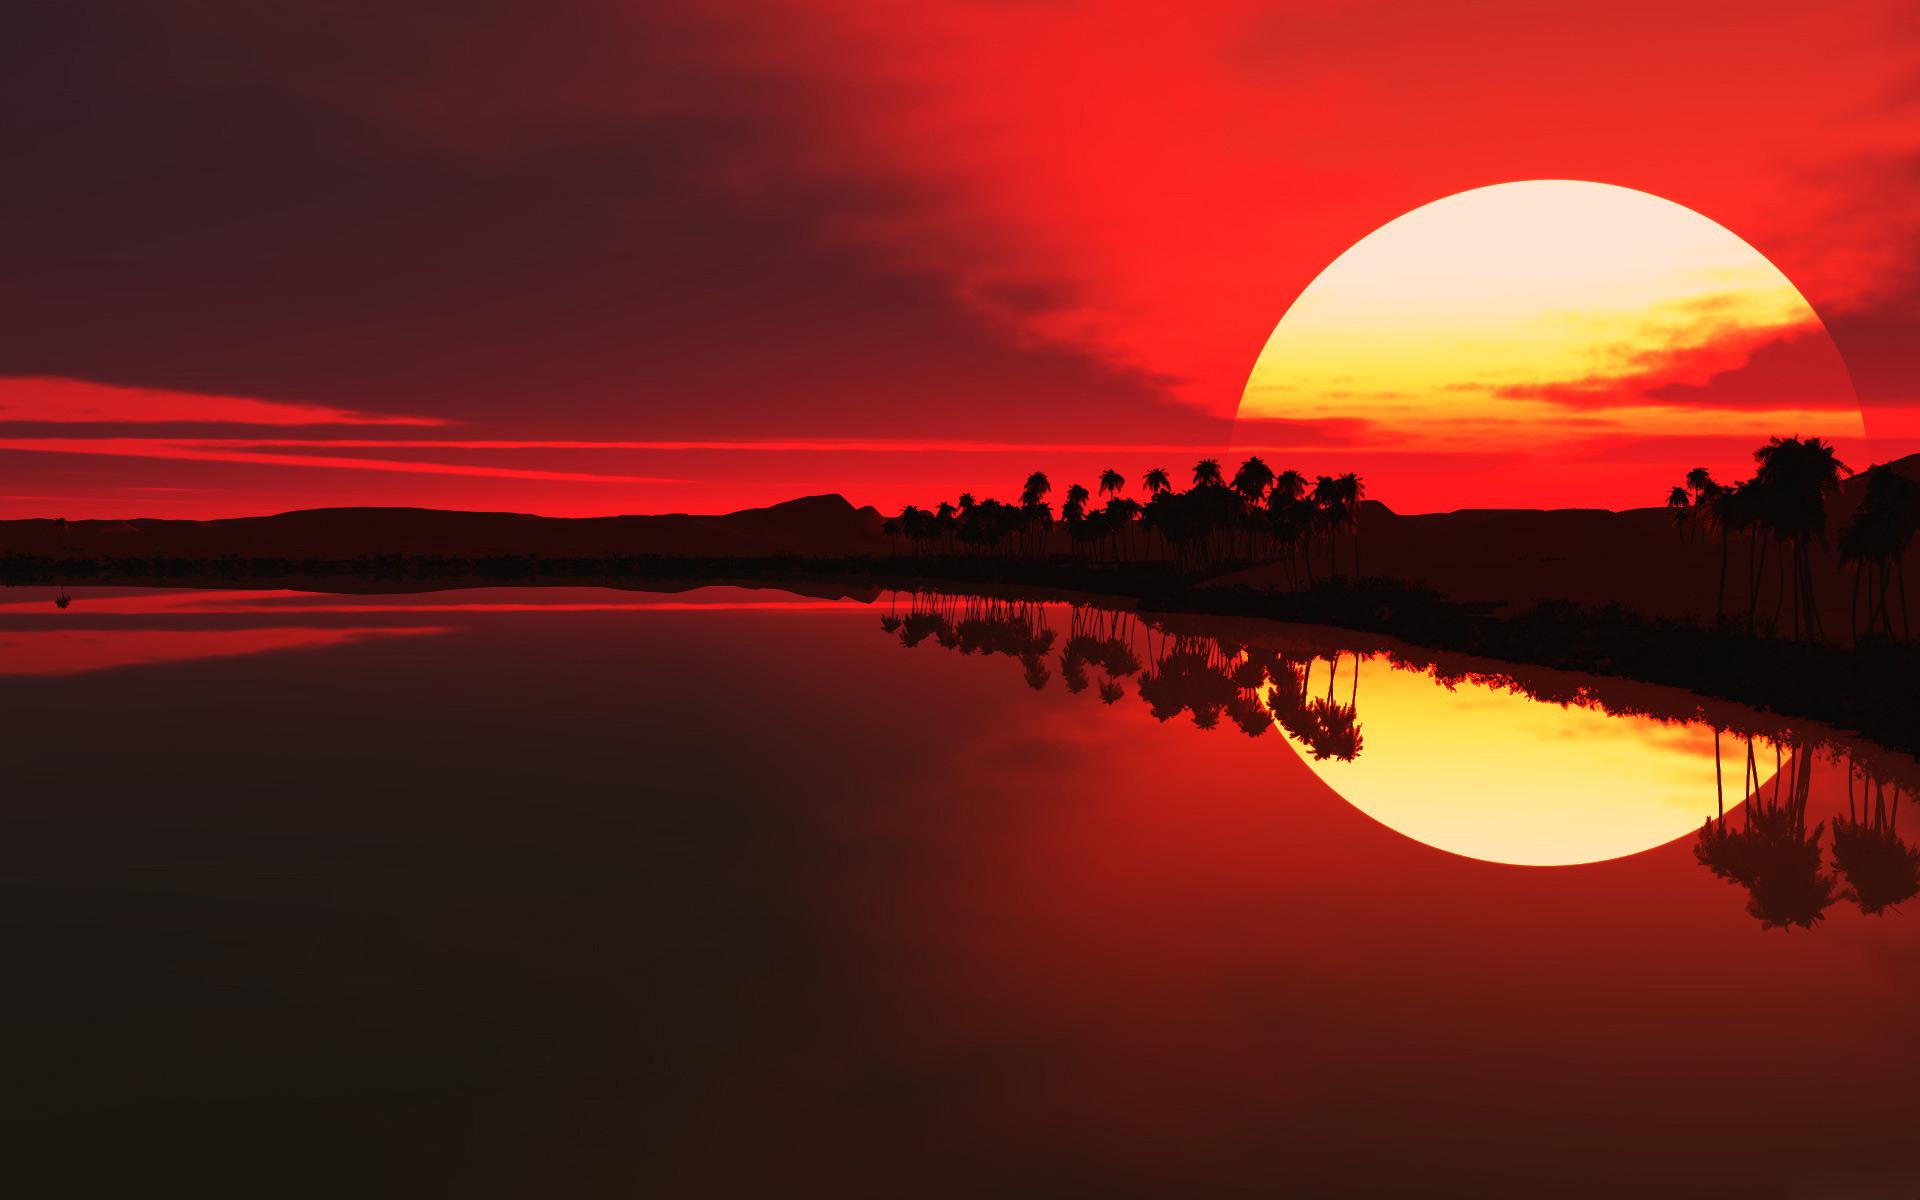 بالصور جمال غروب الشمس , من اجمل المناظر الطبيعية 3849 8